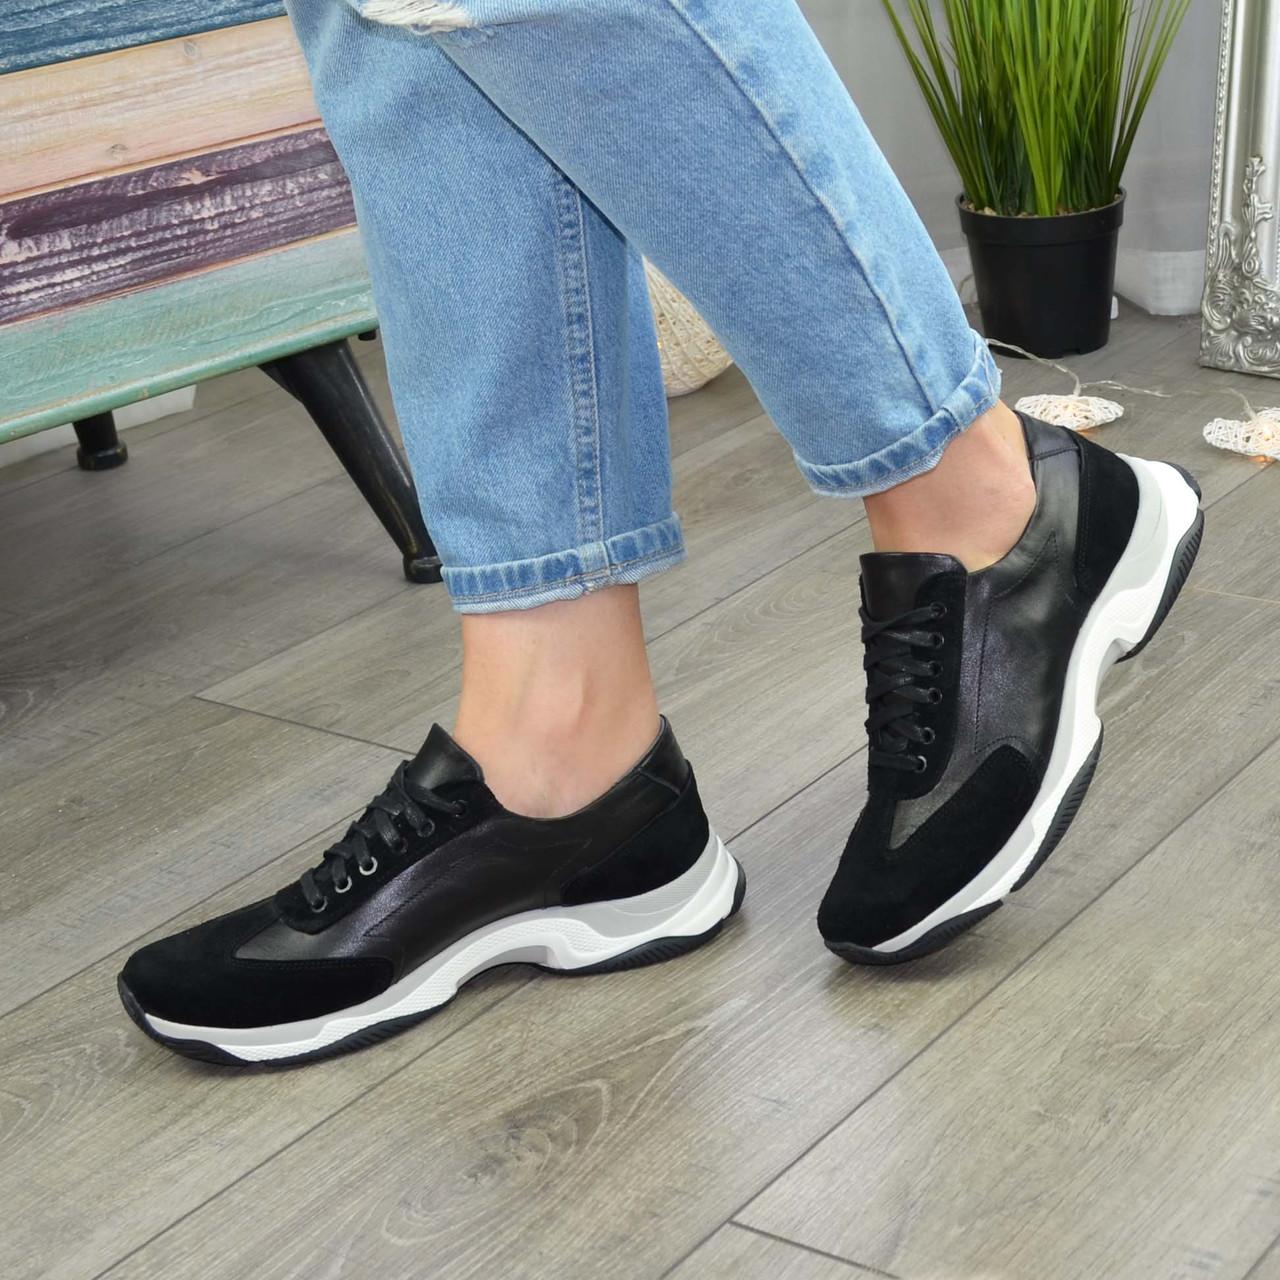 Кроссовки женские на шнурках, из натуральной замши и кожи черного цвета